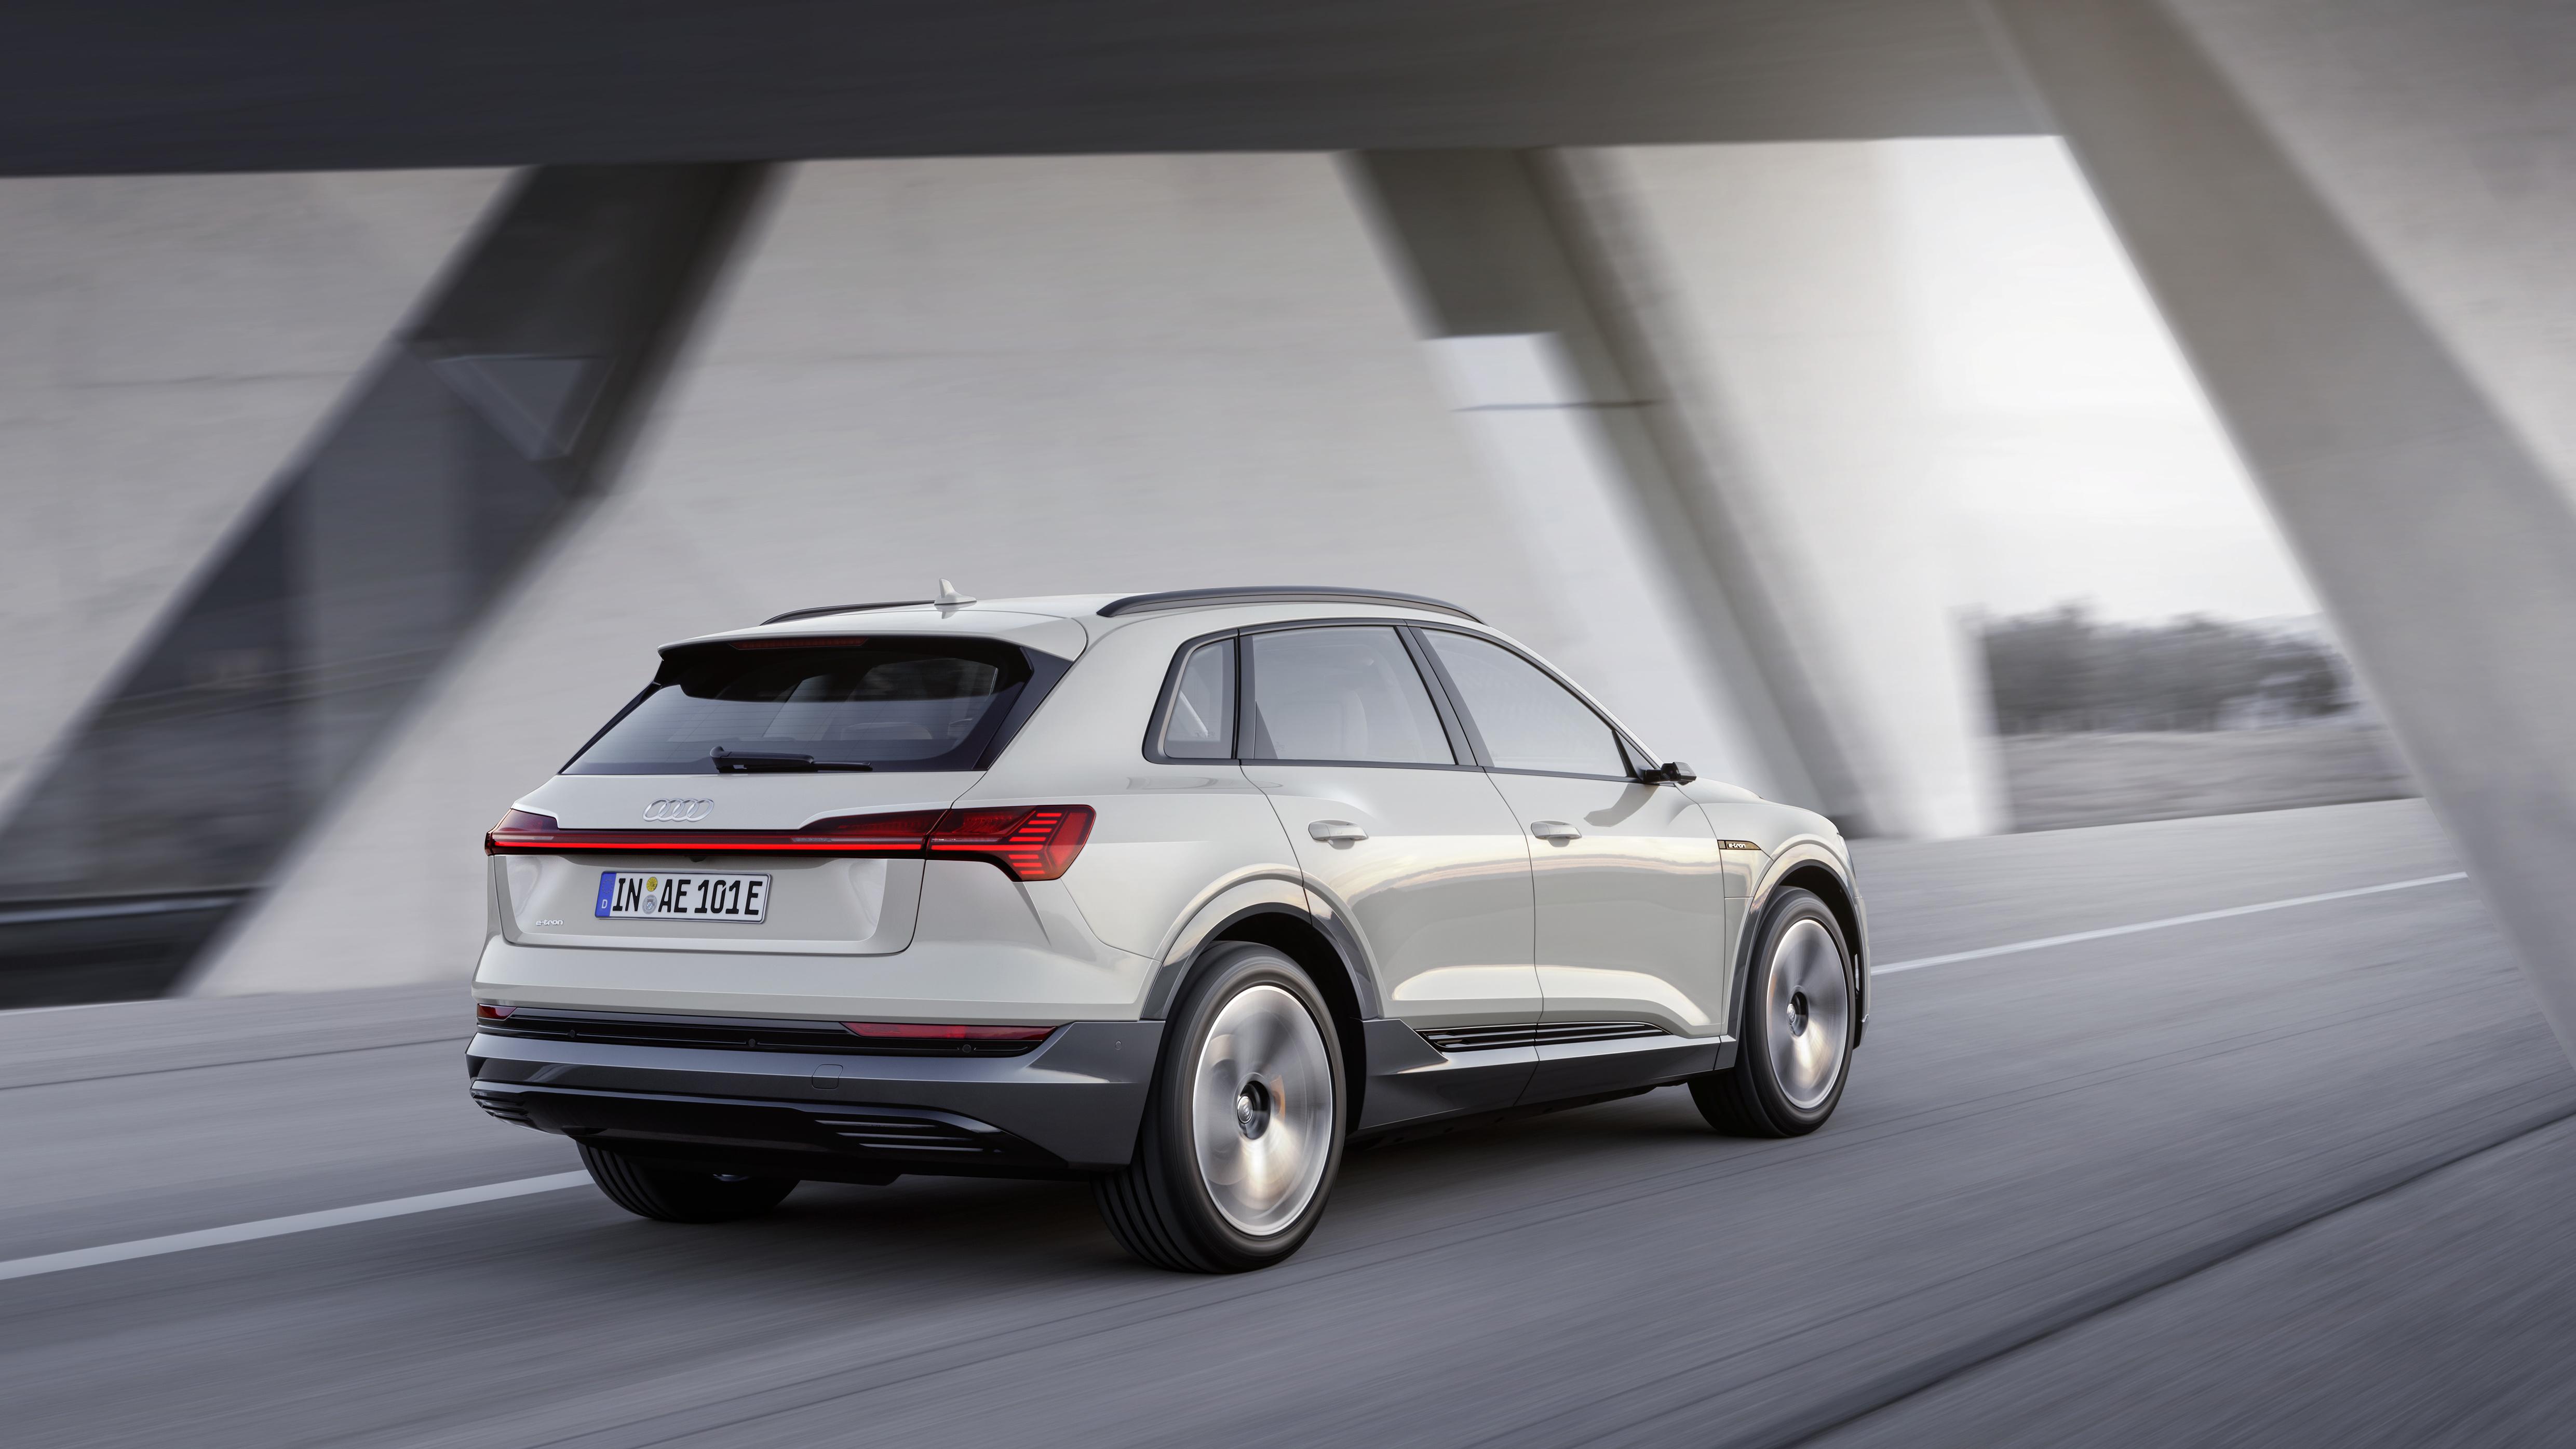 Retro Audi e-tron